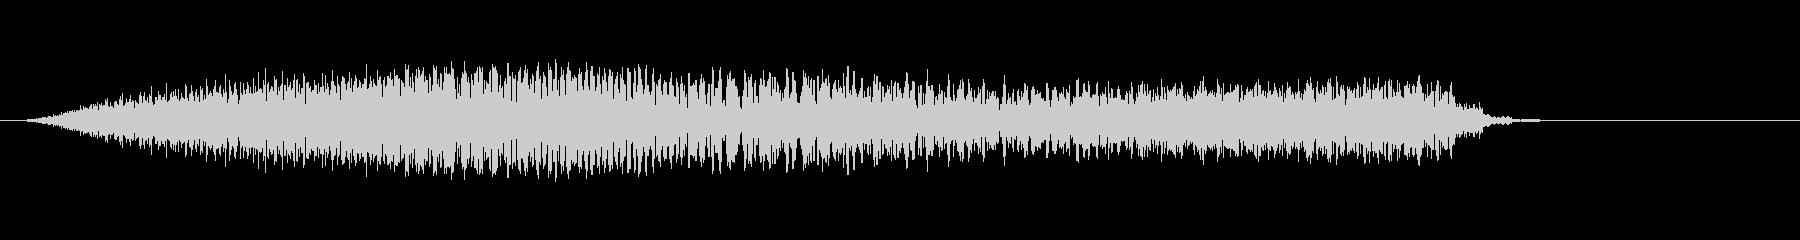 3「暗い、響く恐怖音」ゴーーォォオオーンの未再生の波形